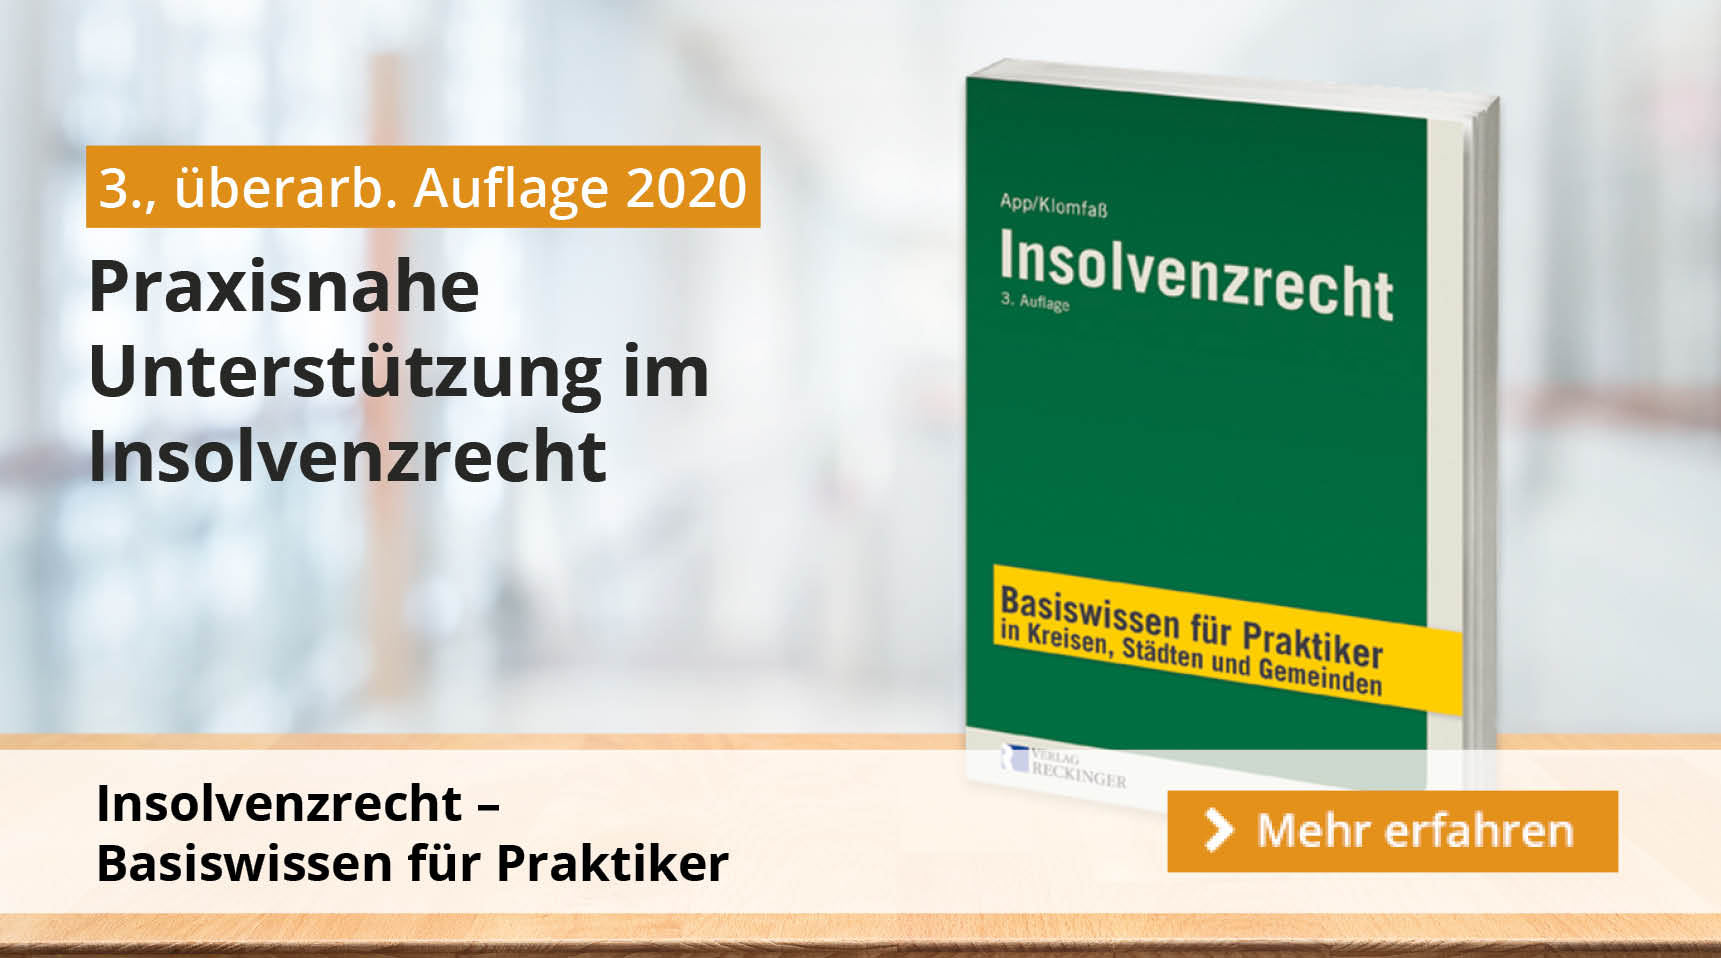 Neu: Insolvenzrecht Basiswissen in der 3. Auflage 2020